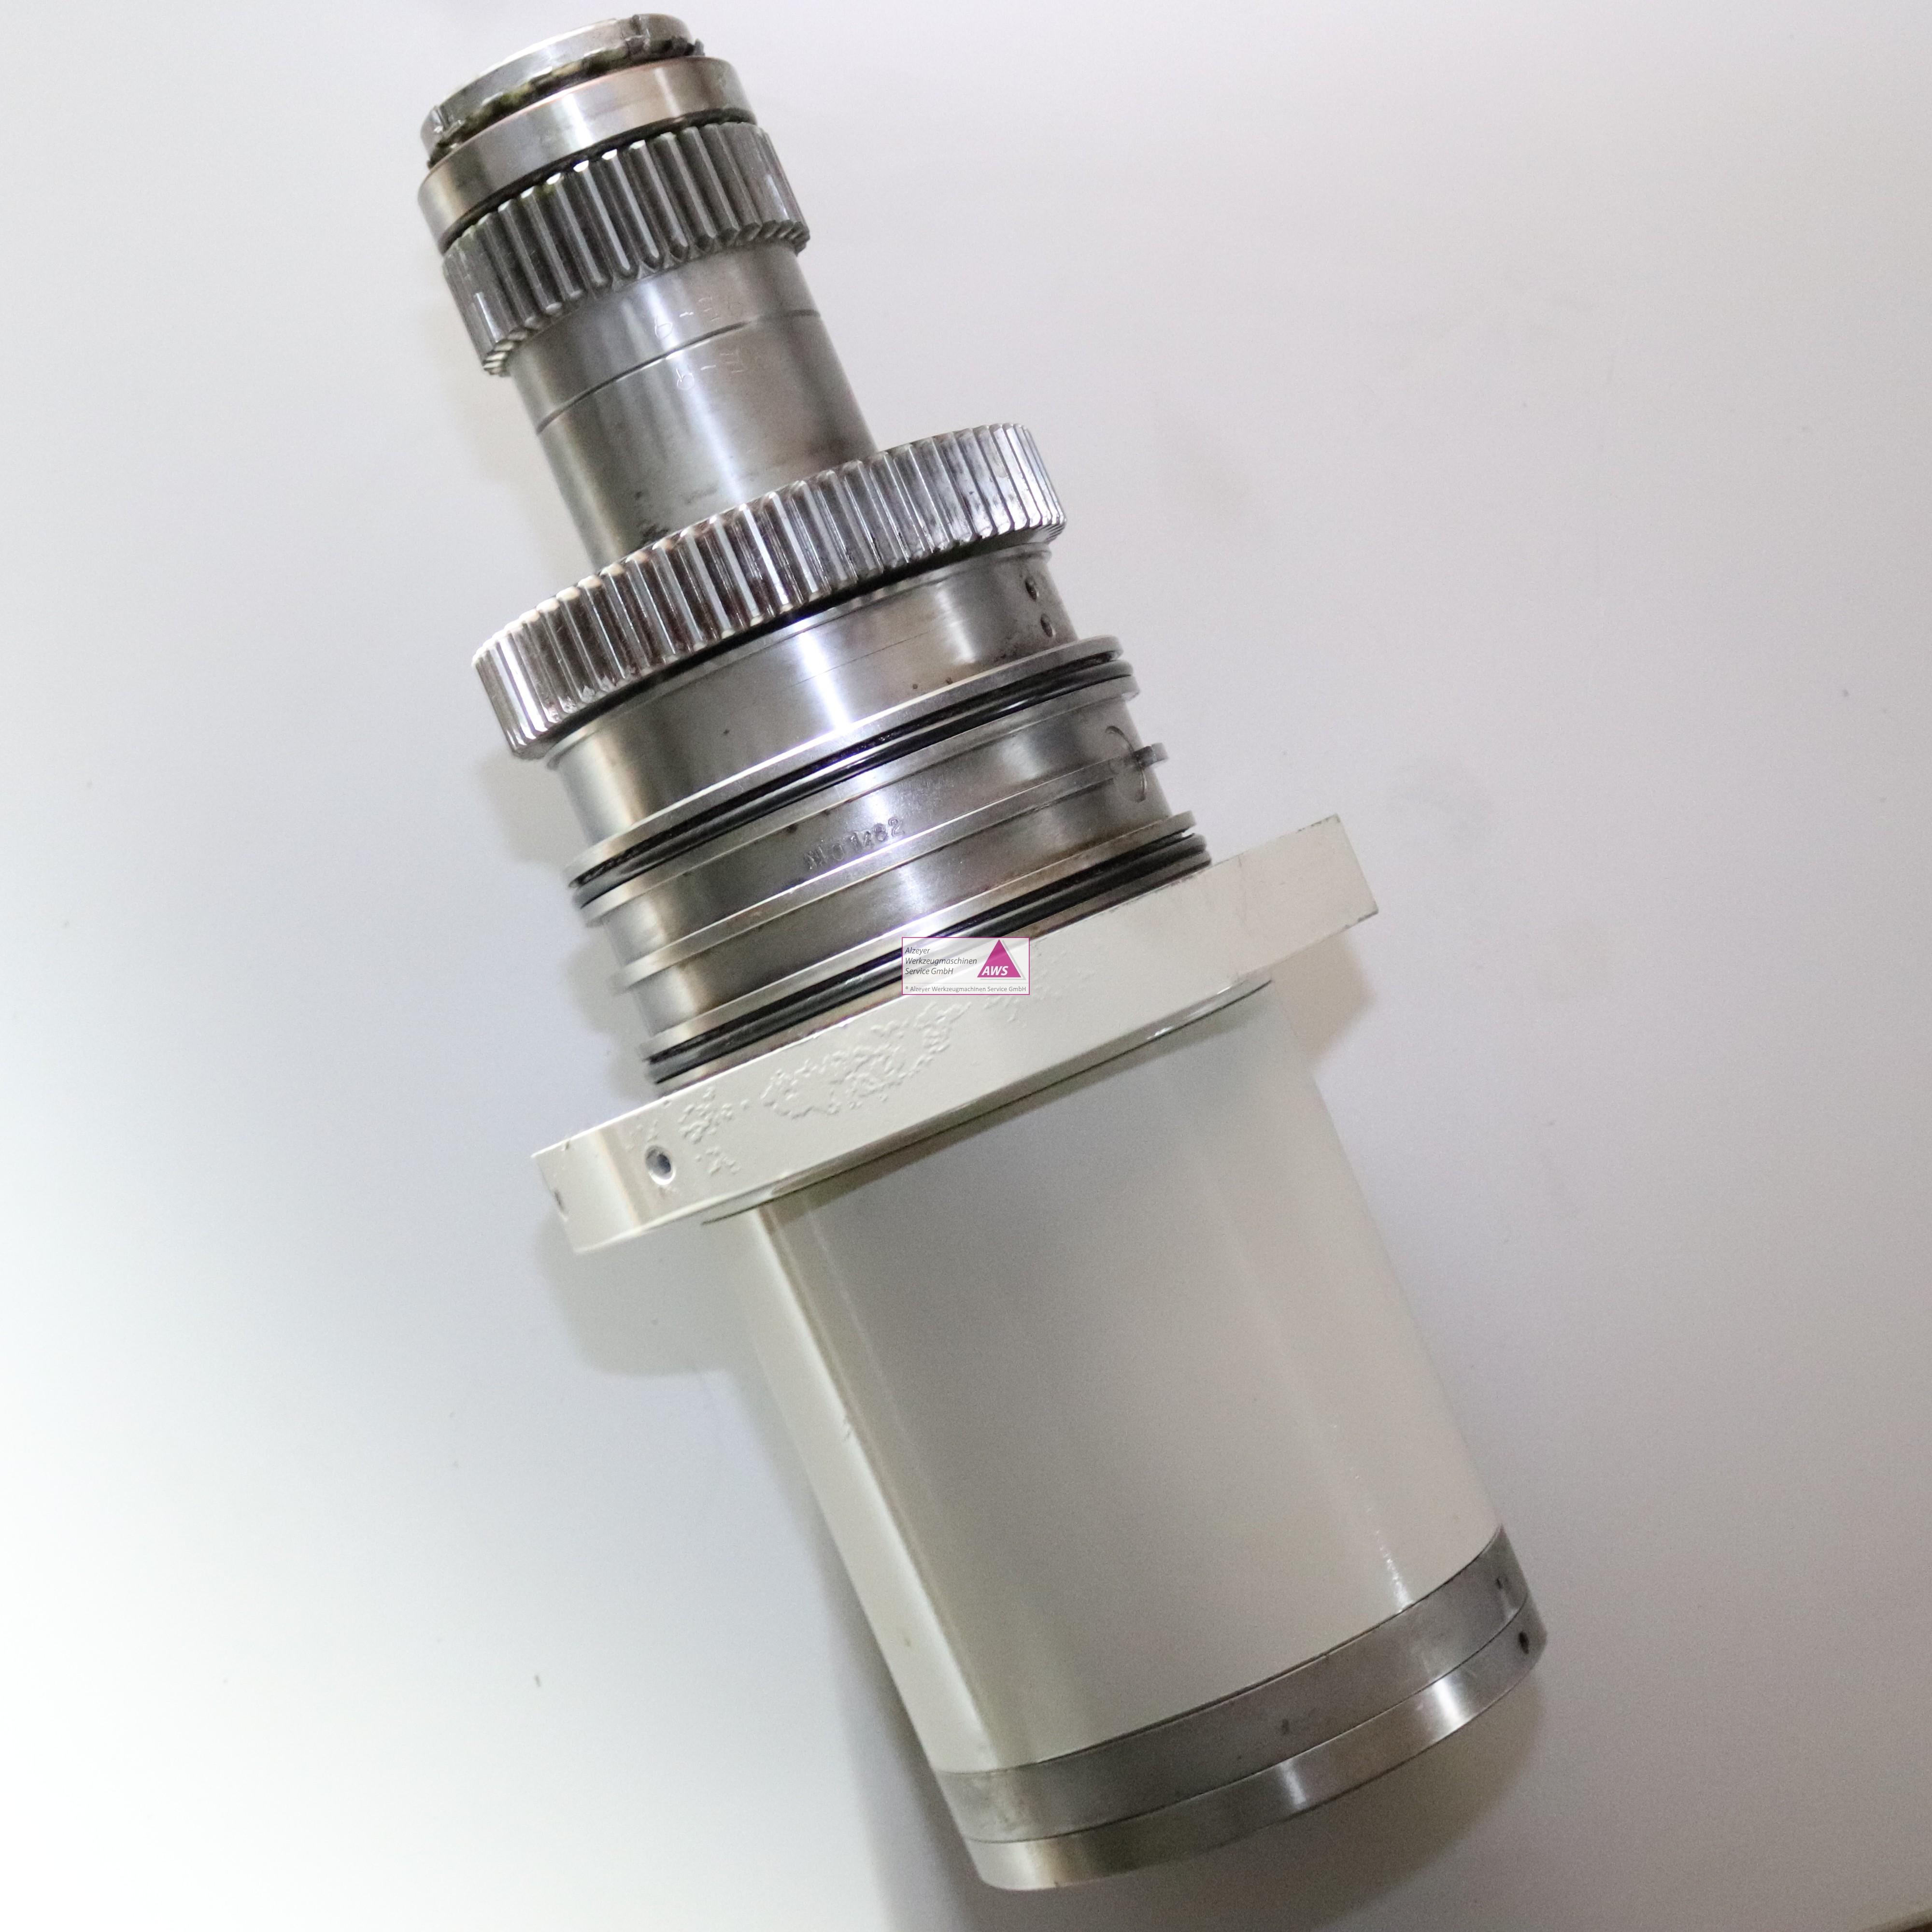 Hauptspindel für Mazak H400 und H500/40